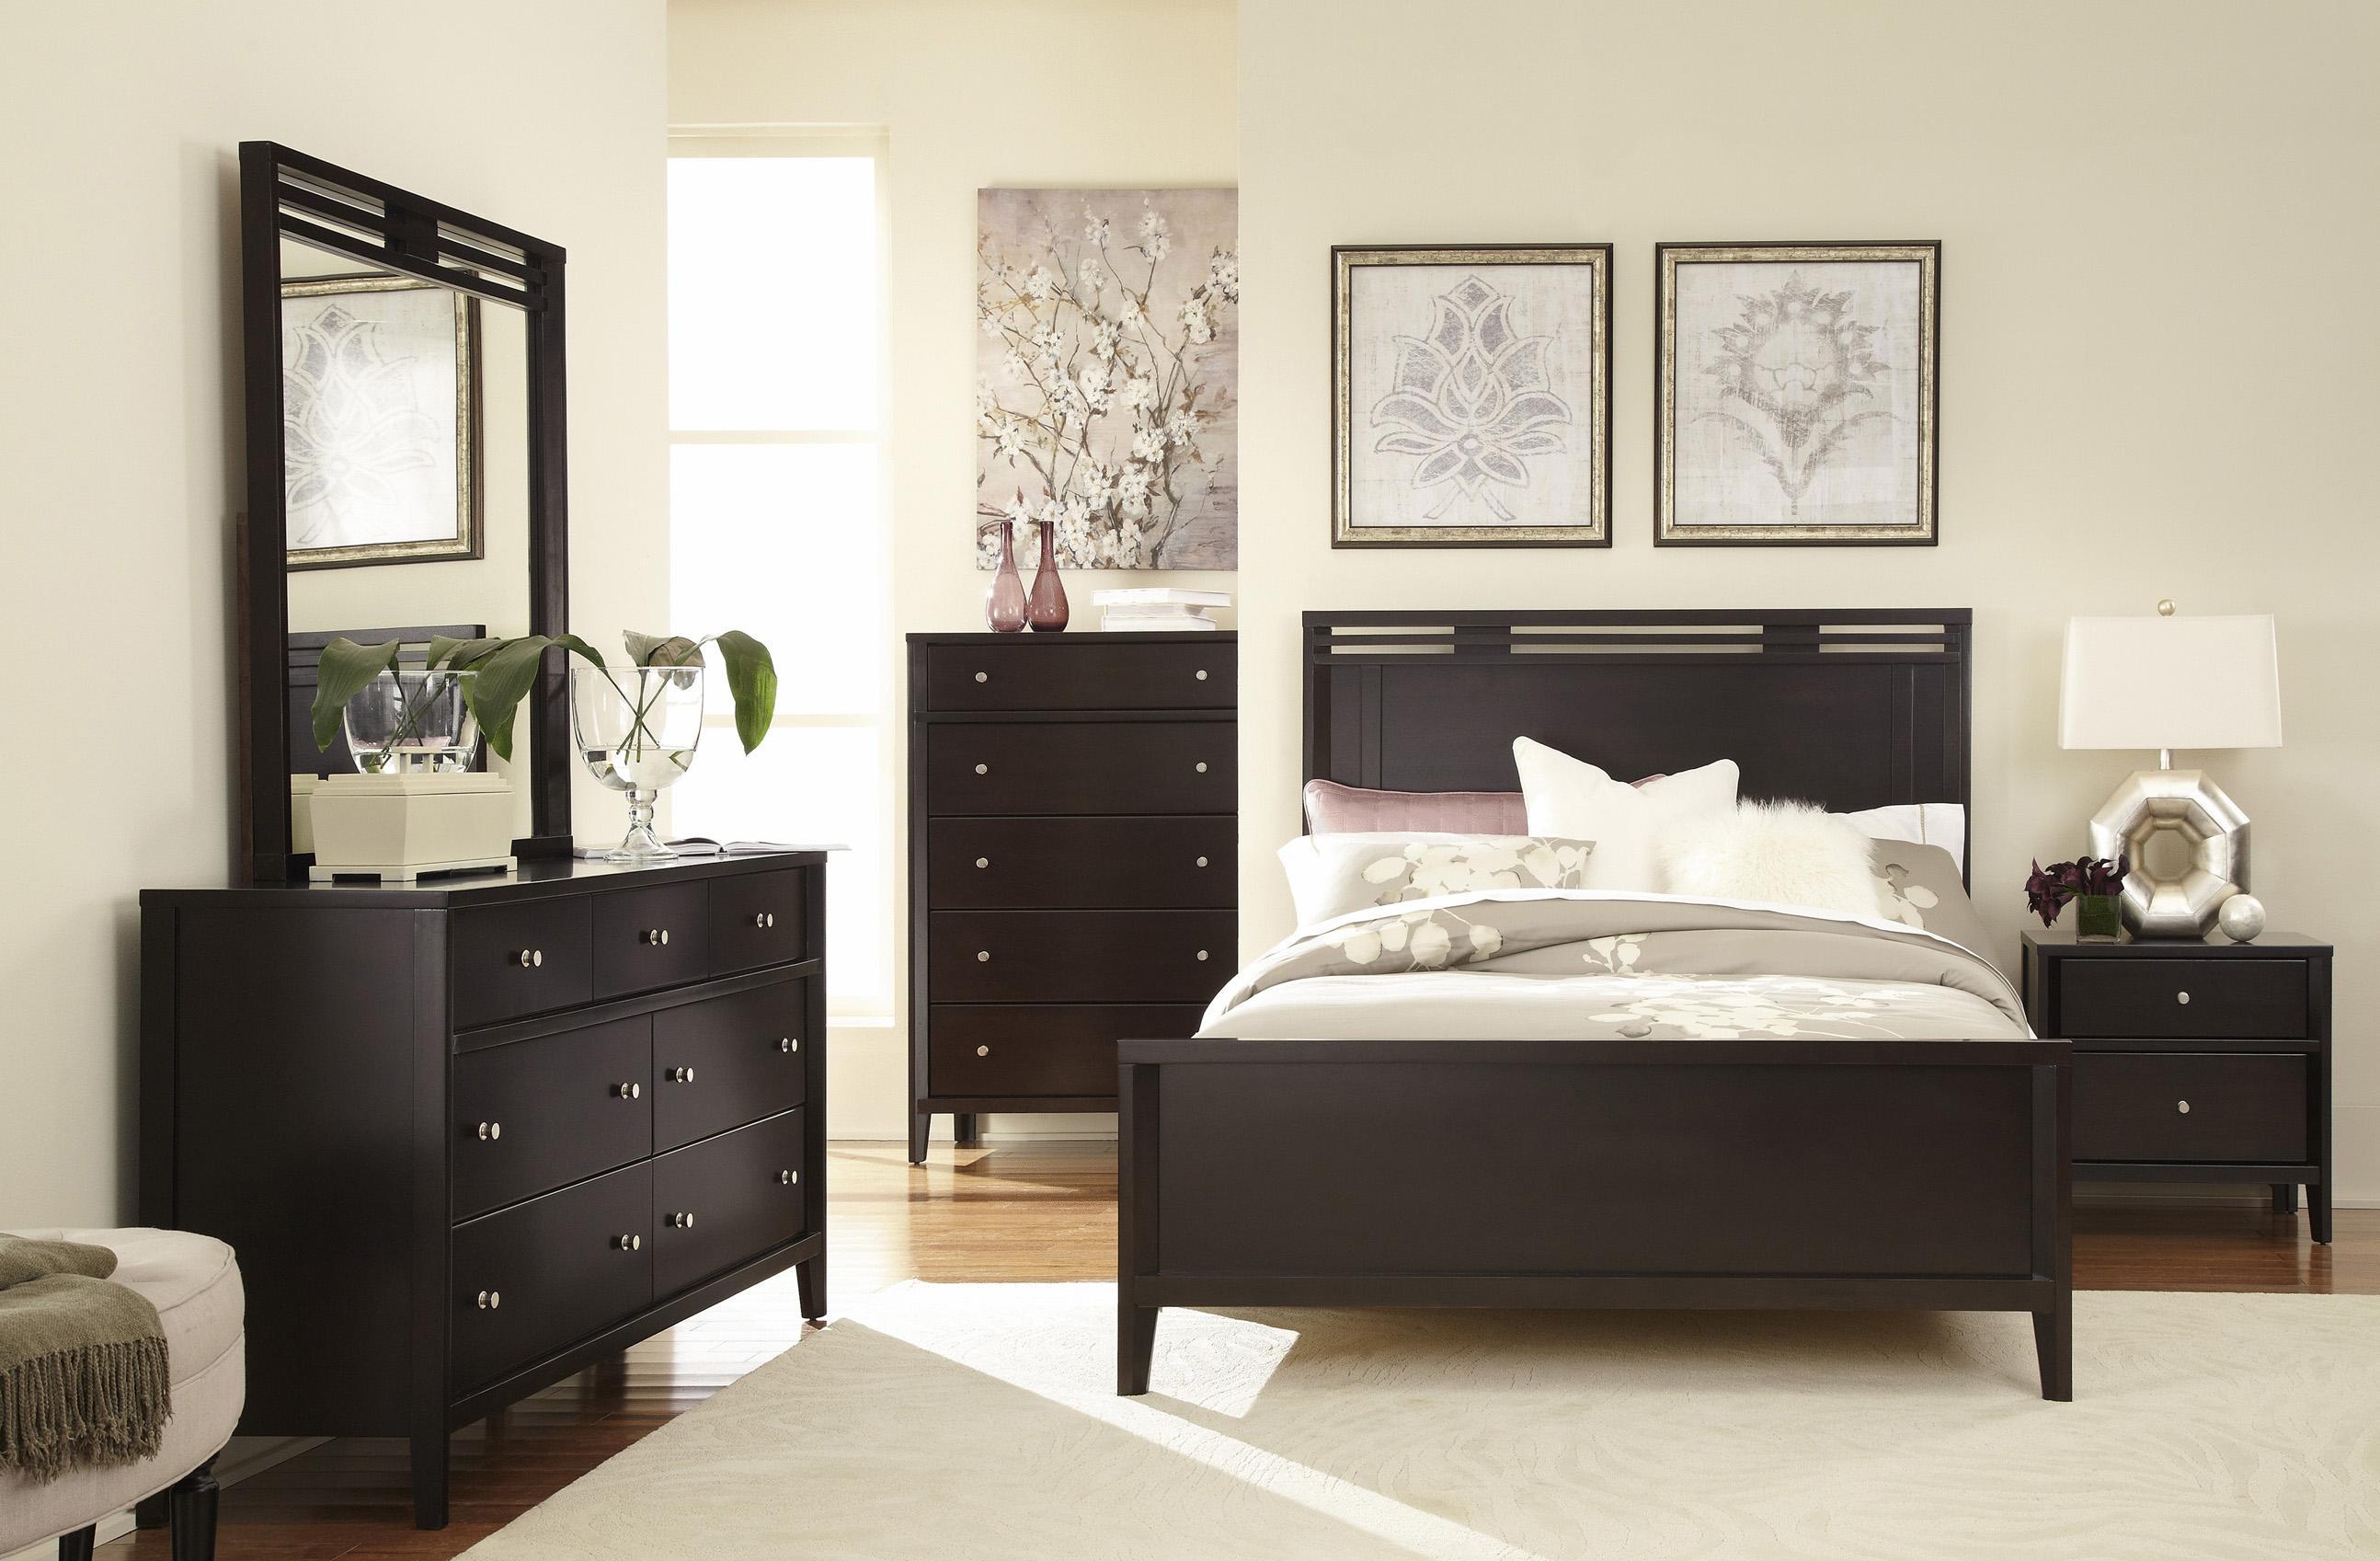 Belfort Select East Gate Queen Bedroom Group - Item Number: 355 Q Bedroom Group 1